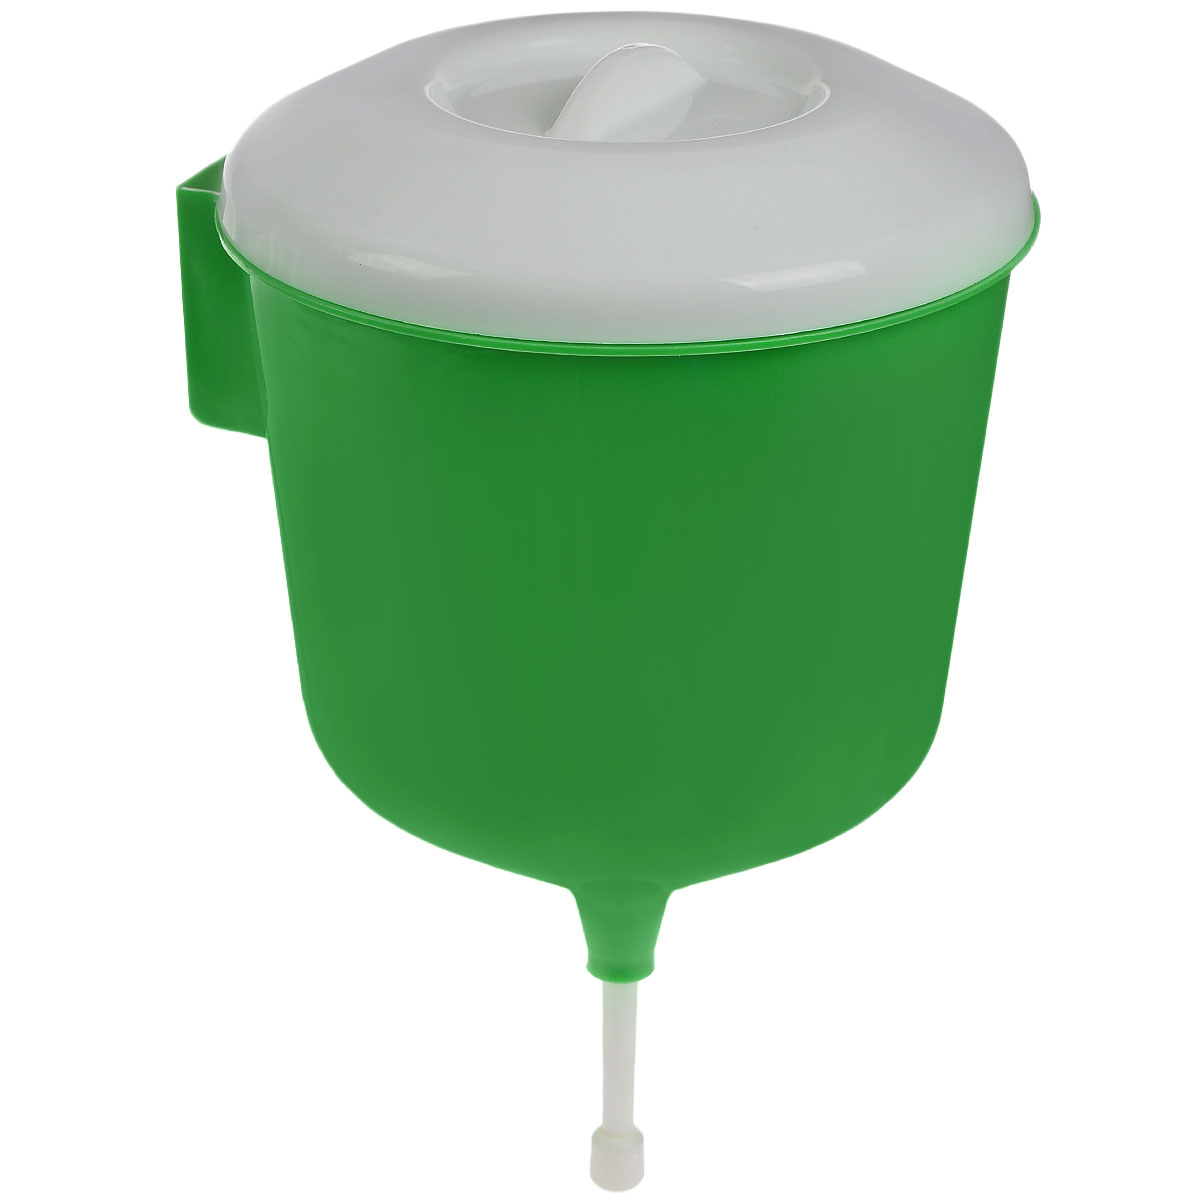 Рукомойник Альтернатива Дачник, цвет: зеленый, белый, 3 лМ1157_зеленыйРукомойник Альтернатива Дачник изготовлен из пластика. Он предназначен для умывания в саду или на даче. Яркий и красочный, он отлично впишется в окружающую обстановку. Петли обеспечивают вертикальное крепление рукомойника. Рукомойник оснащен крышкой, которая предотвращает попадание мусора. Рукомойник Альтернатива Дачник надежный и удобный в использовании.Диаметр рукомойника: 19 см. Высота рукомойника (с учетом крышки): 30 см.